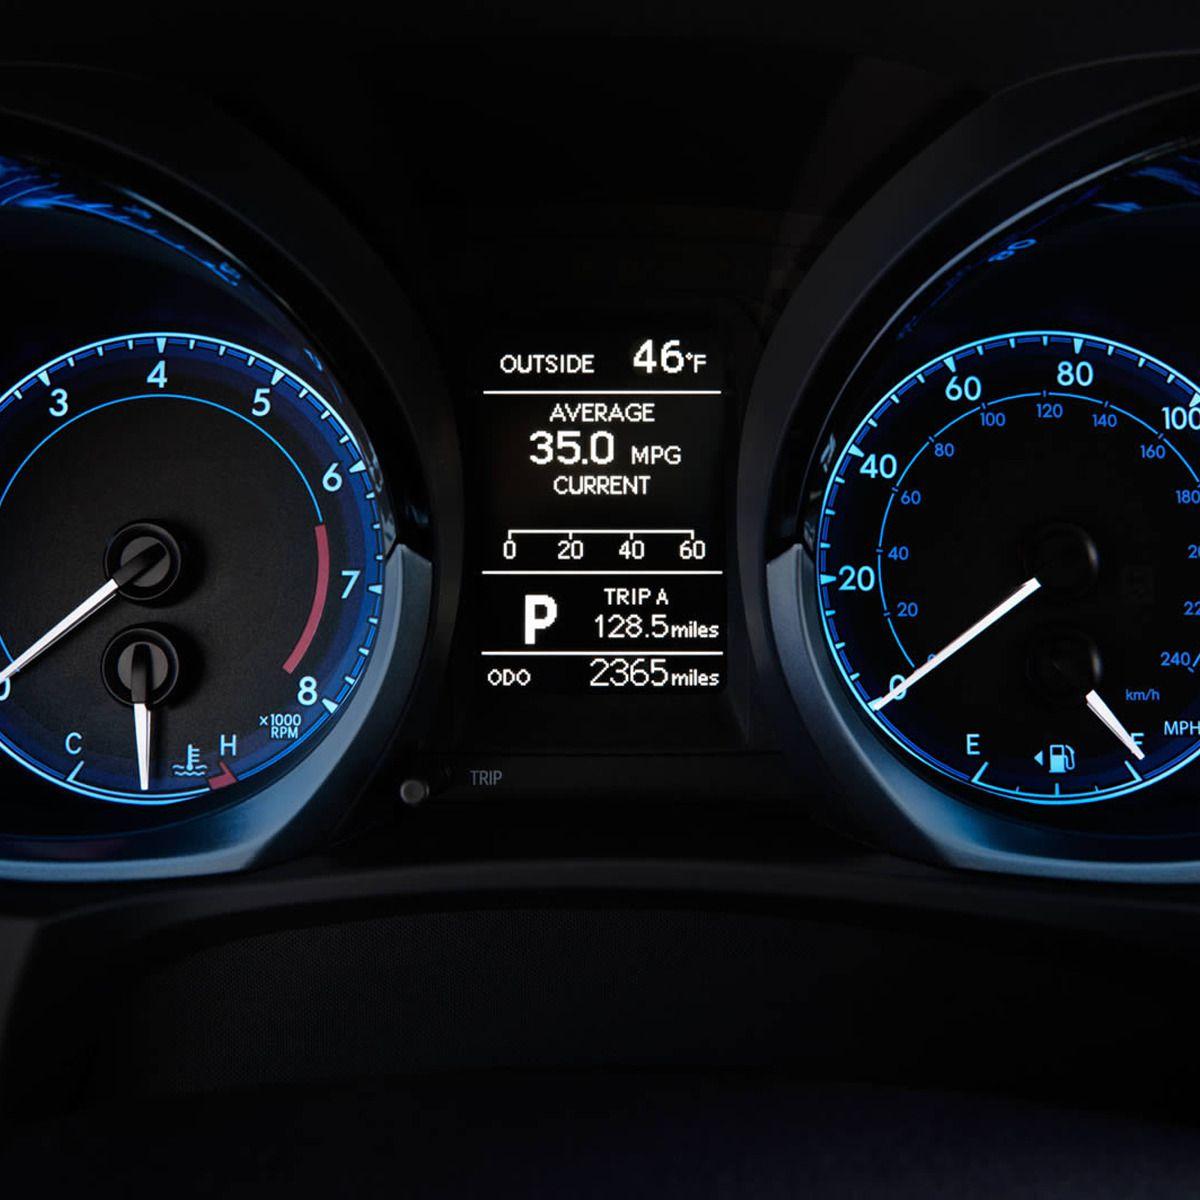 Toyota Dealers In Arkansas >> Toyota Corolla Toyota Corolla Toyota Toyota Corolla Toyota Dealers